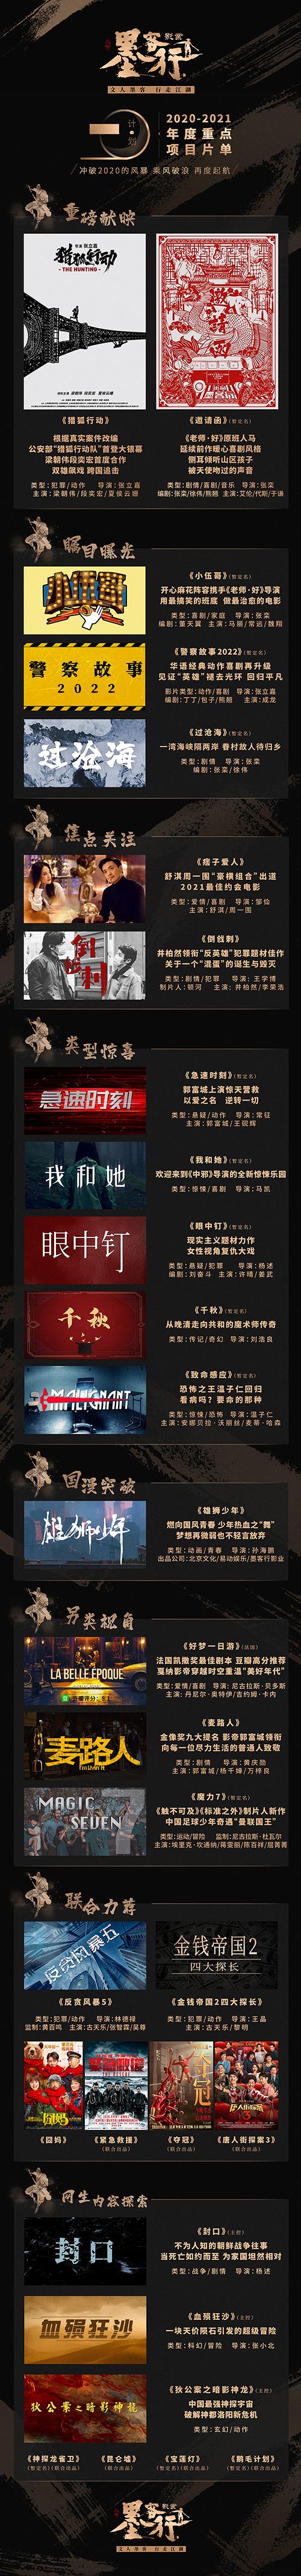 allbet开户:除了《猎狐行动》,未来另有这么多好电影将上映 第6张